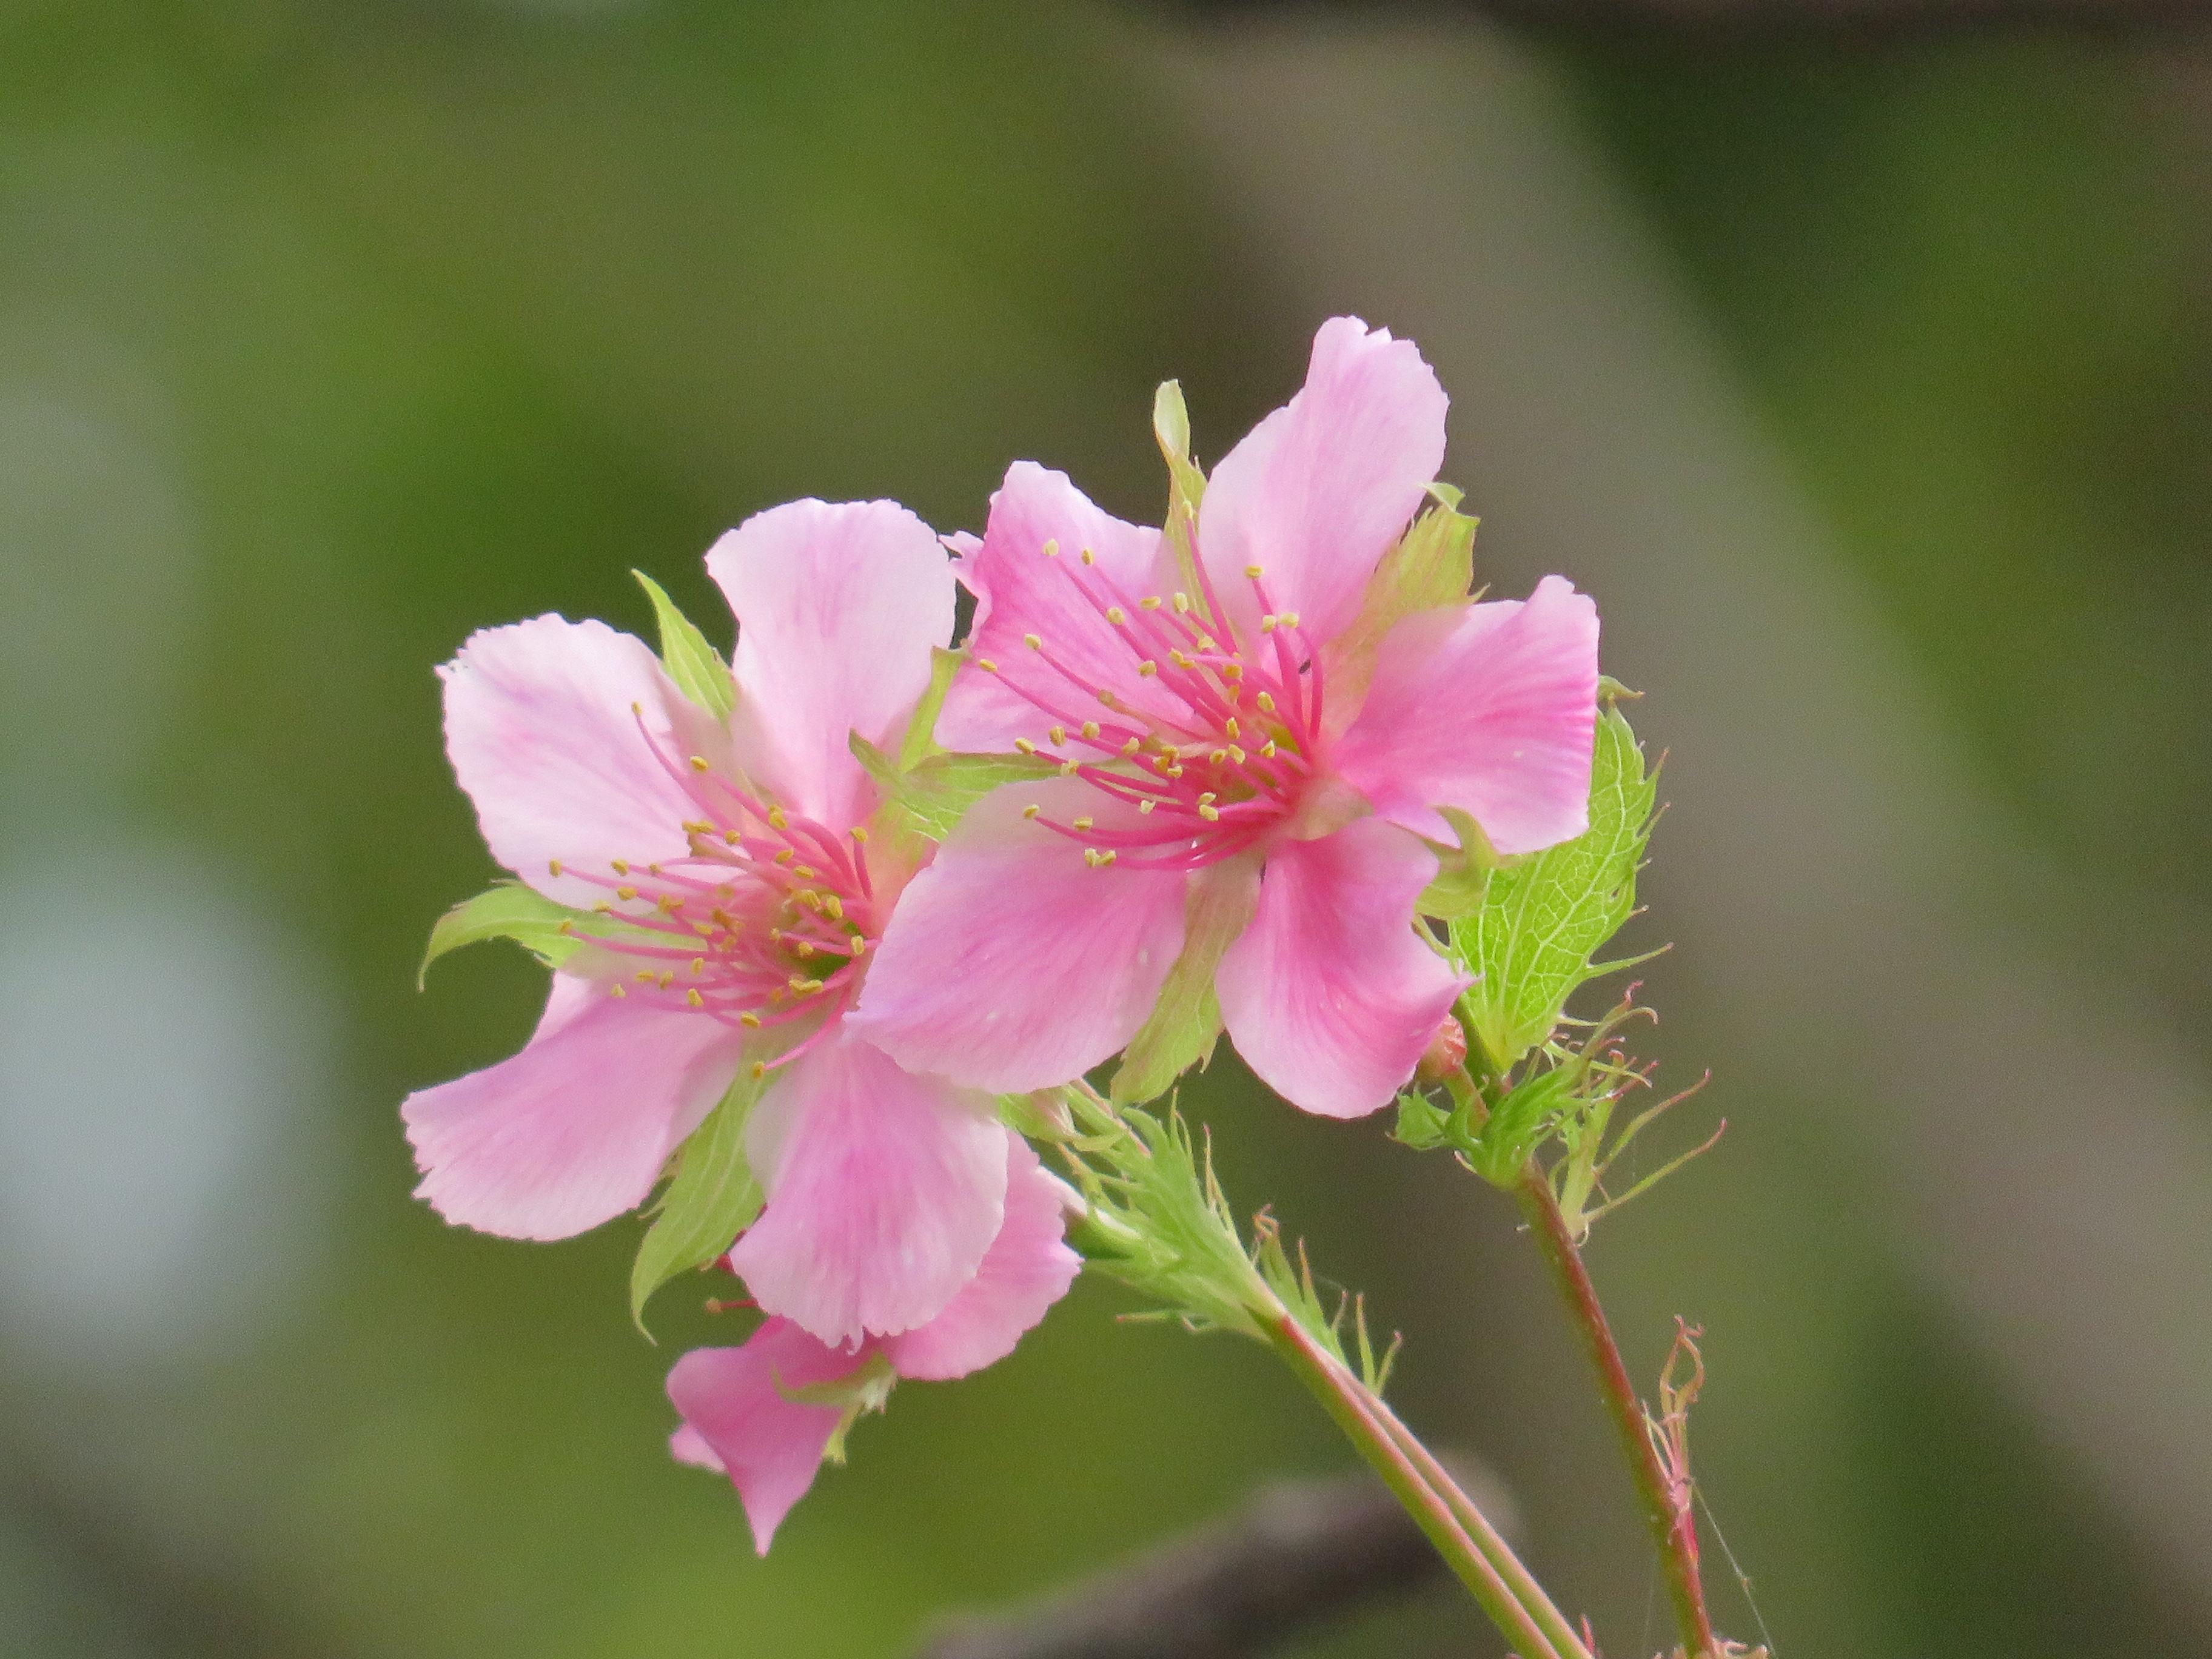 いろいろなところで桜が咲き始めていますよ